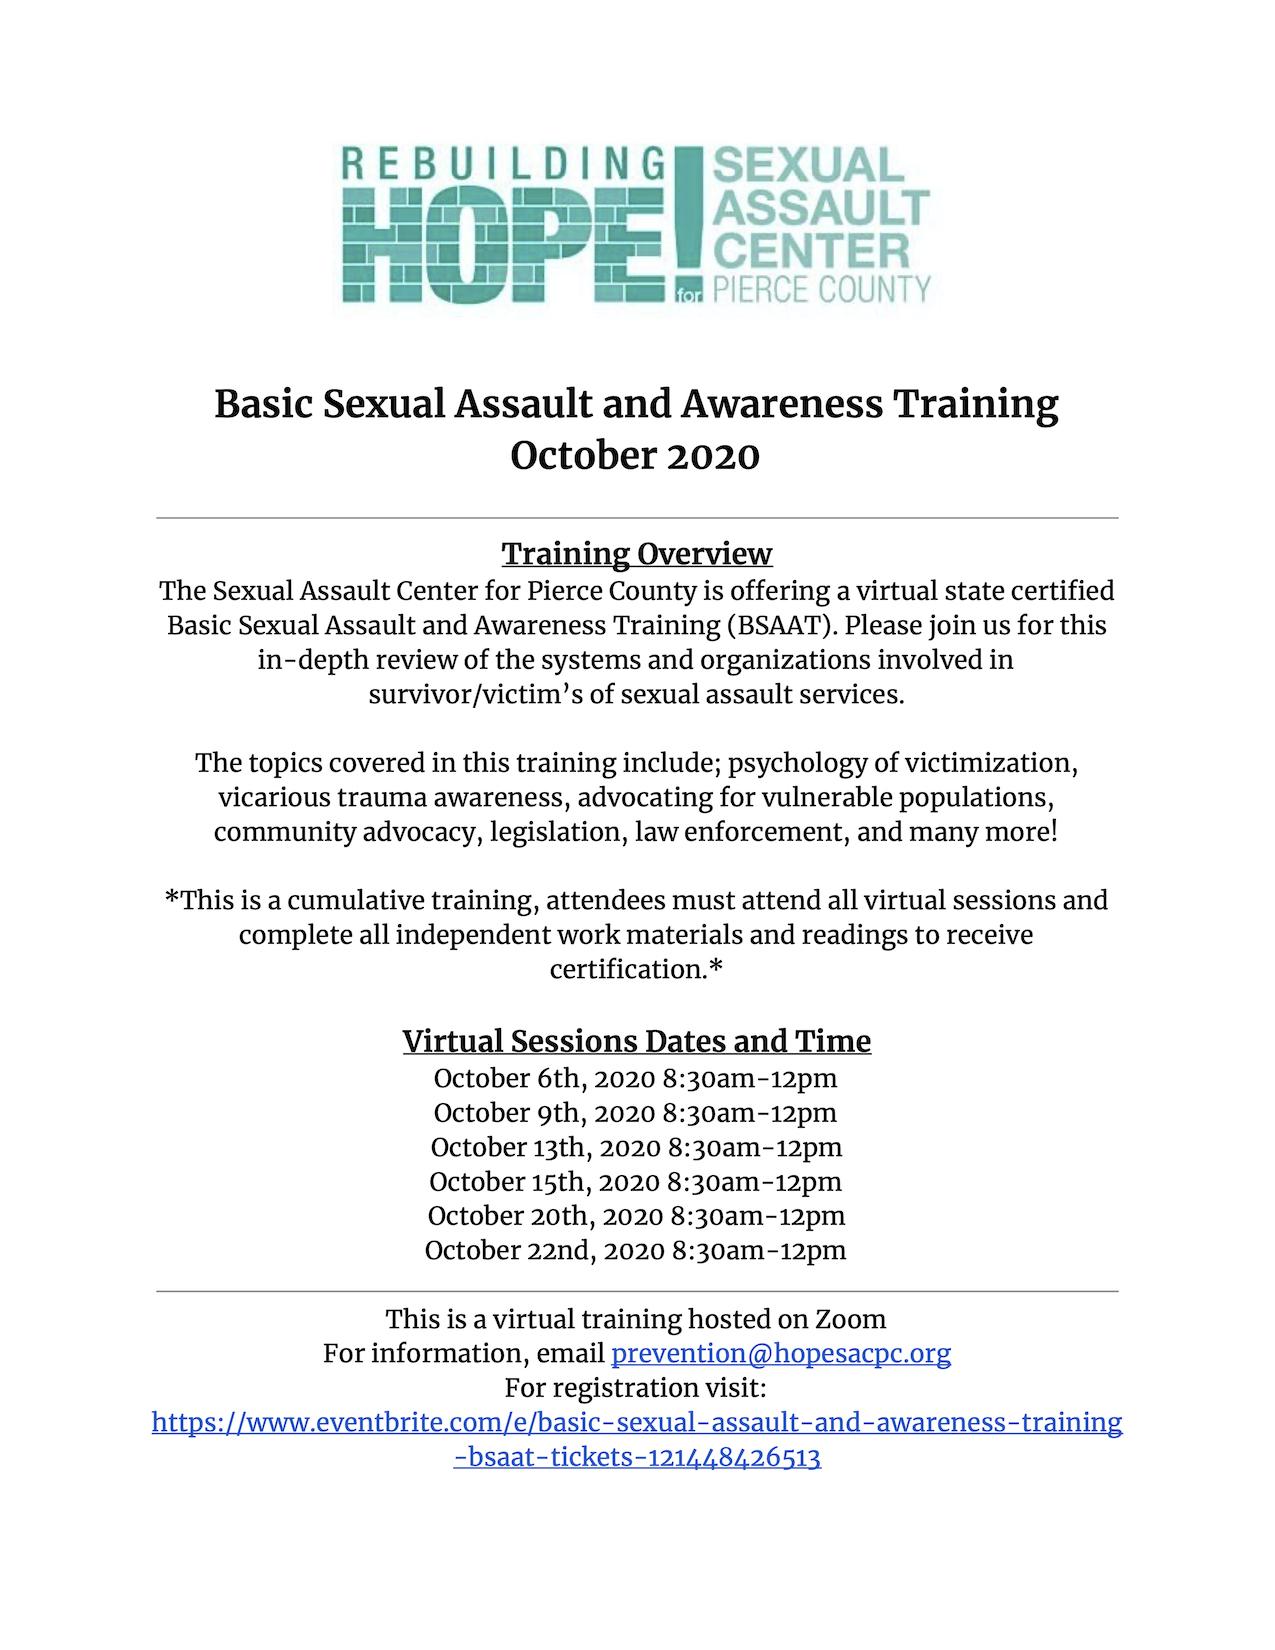 October 2020 Basic Sexual Assault Awareness Training